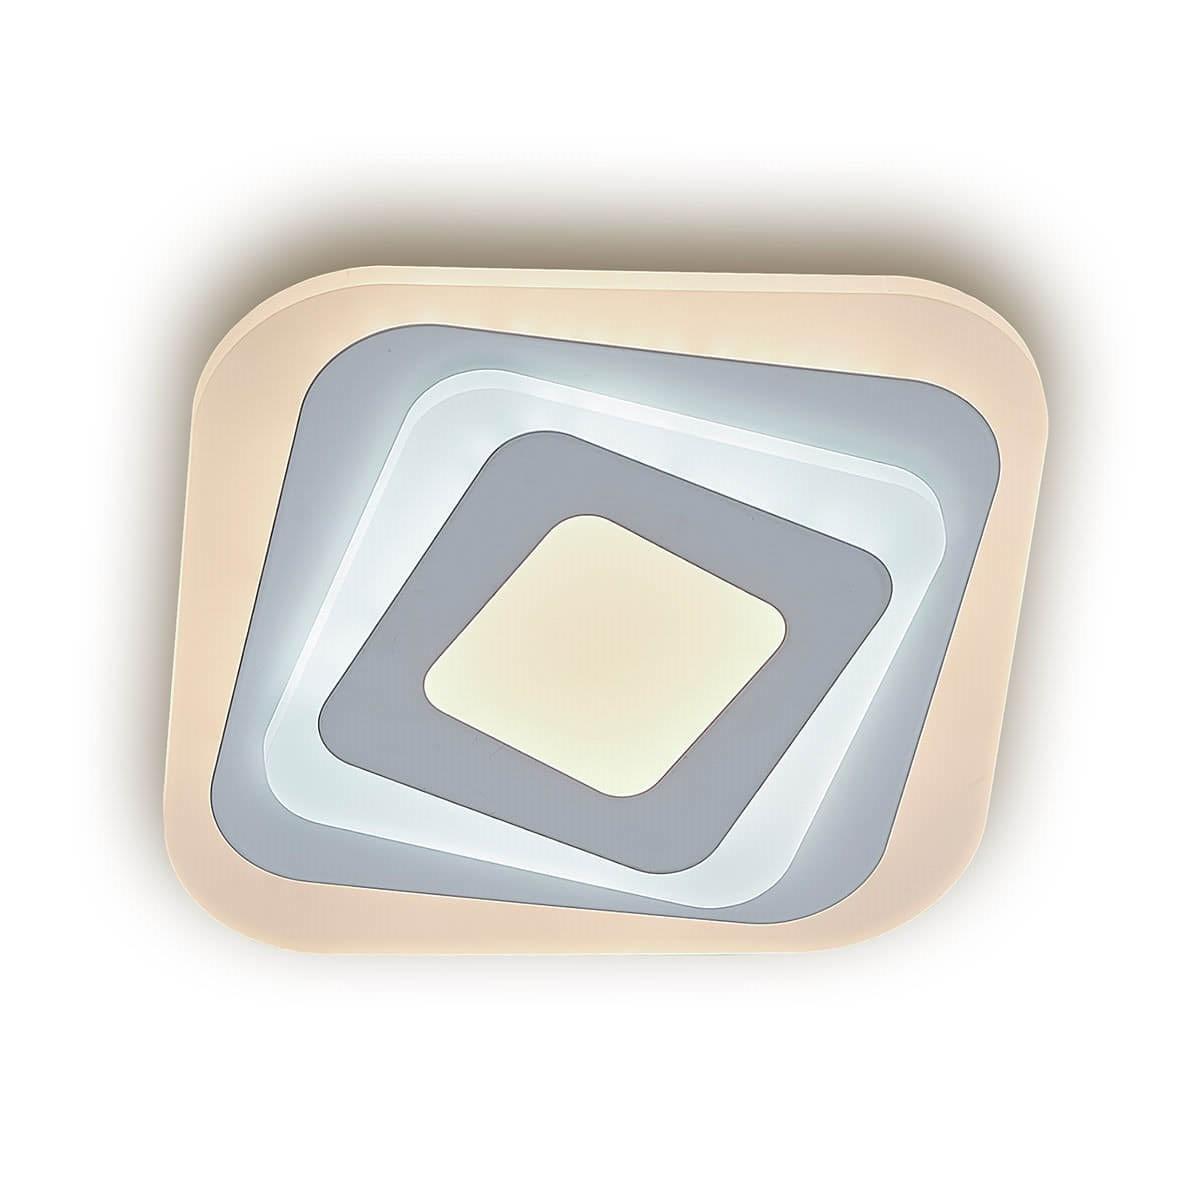 Светильник Citilux CL737B42 Триест (Пошаговое диммирование от настенного выключателя)